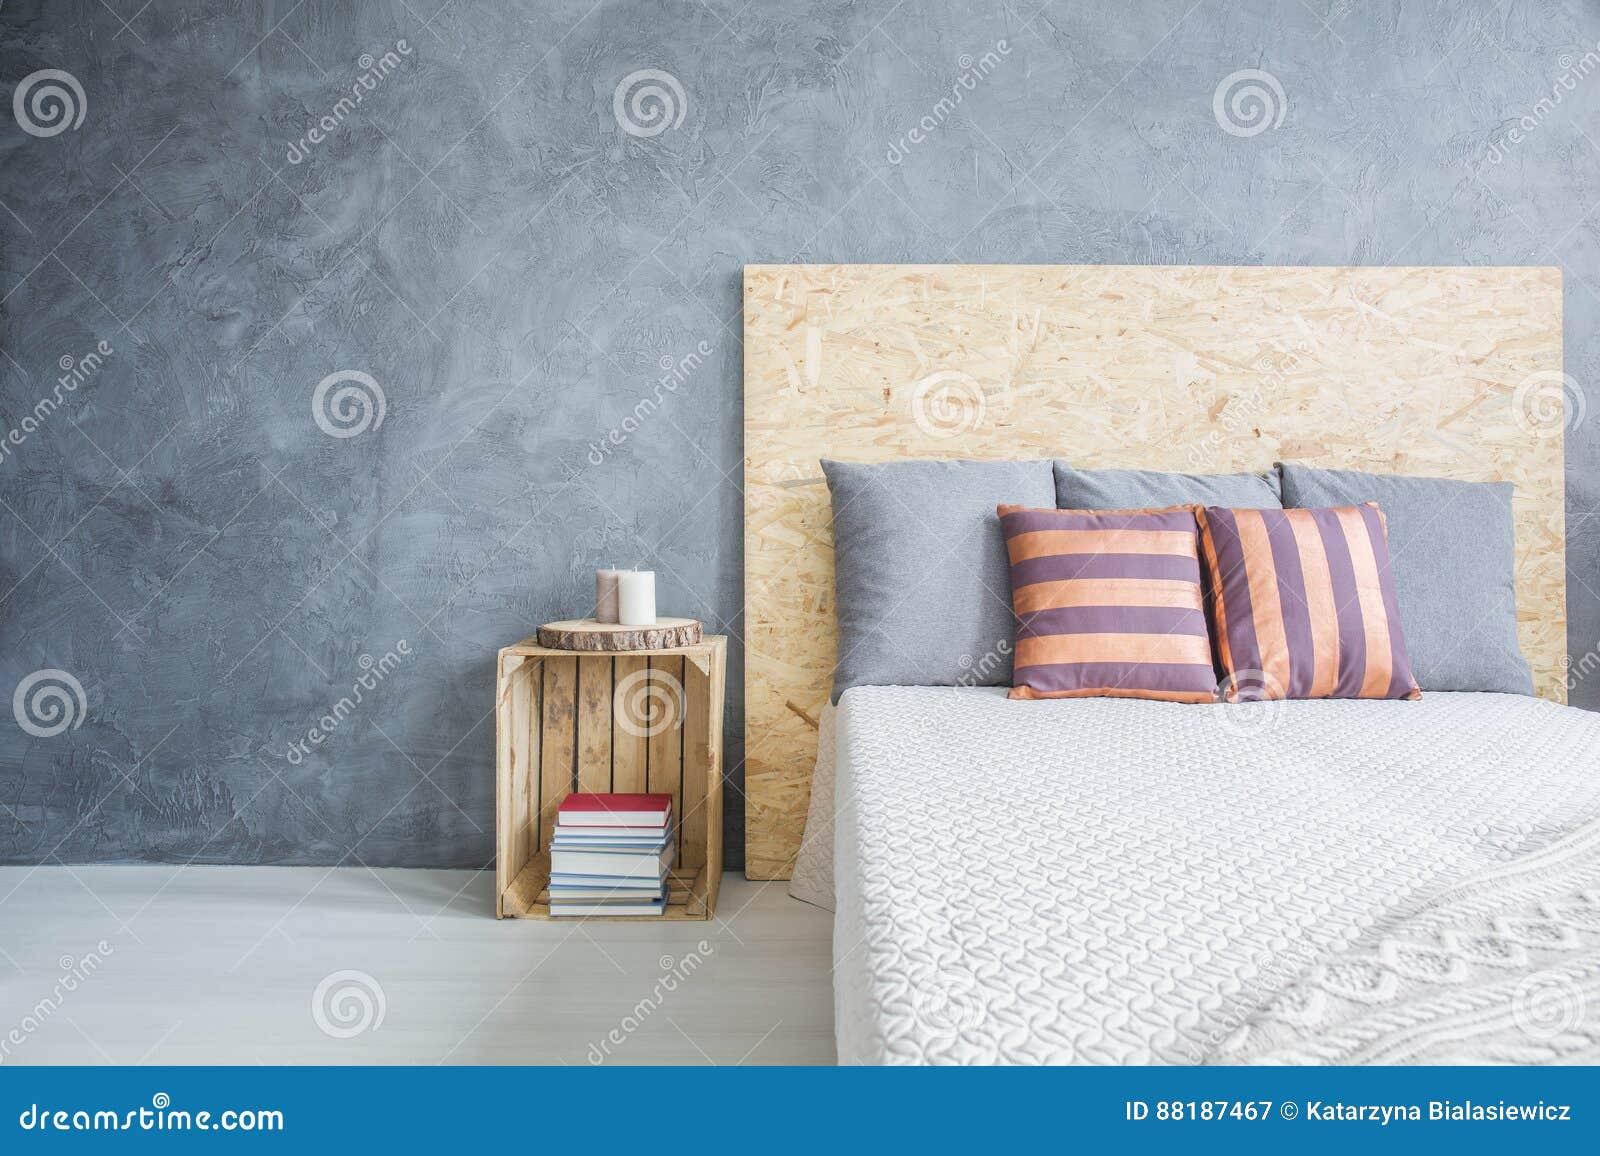 Diy Voor Slaapkamer : Slaapkamer met diy houten bed stock afbeelding afbeelding